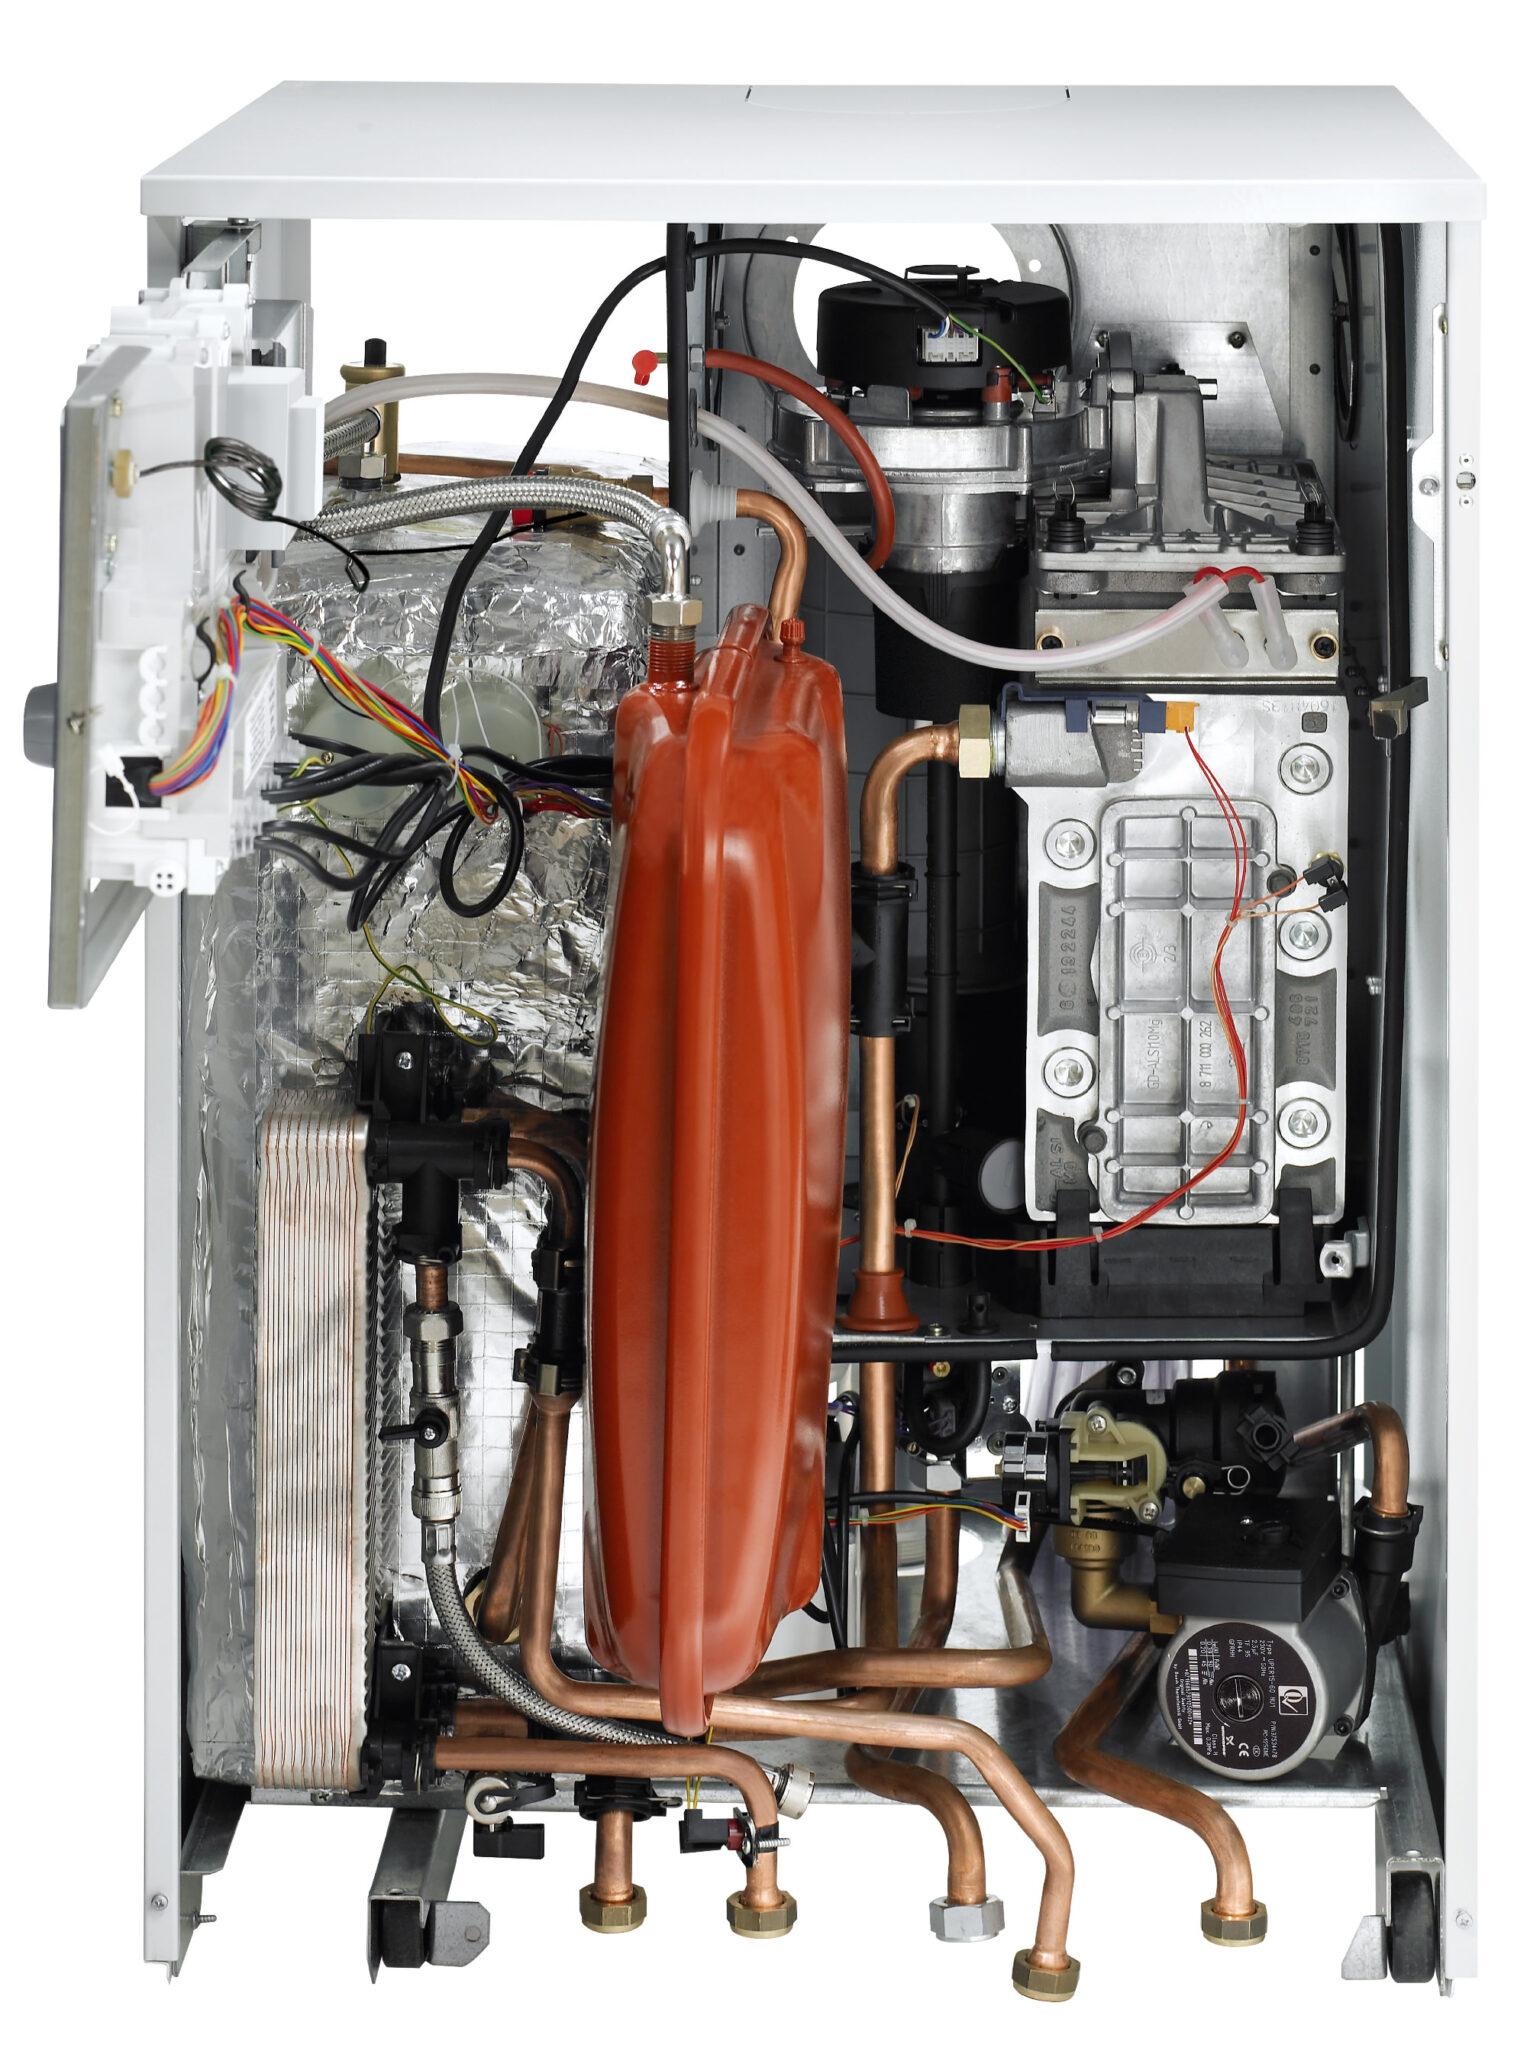 boiler service plymouth - boiler servicing plymouth